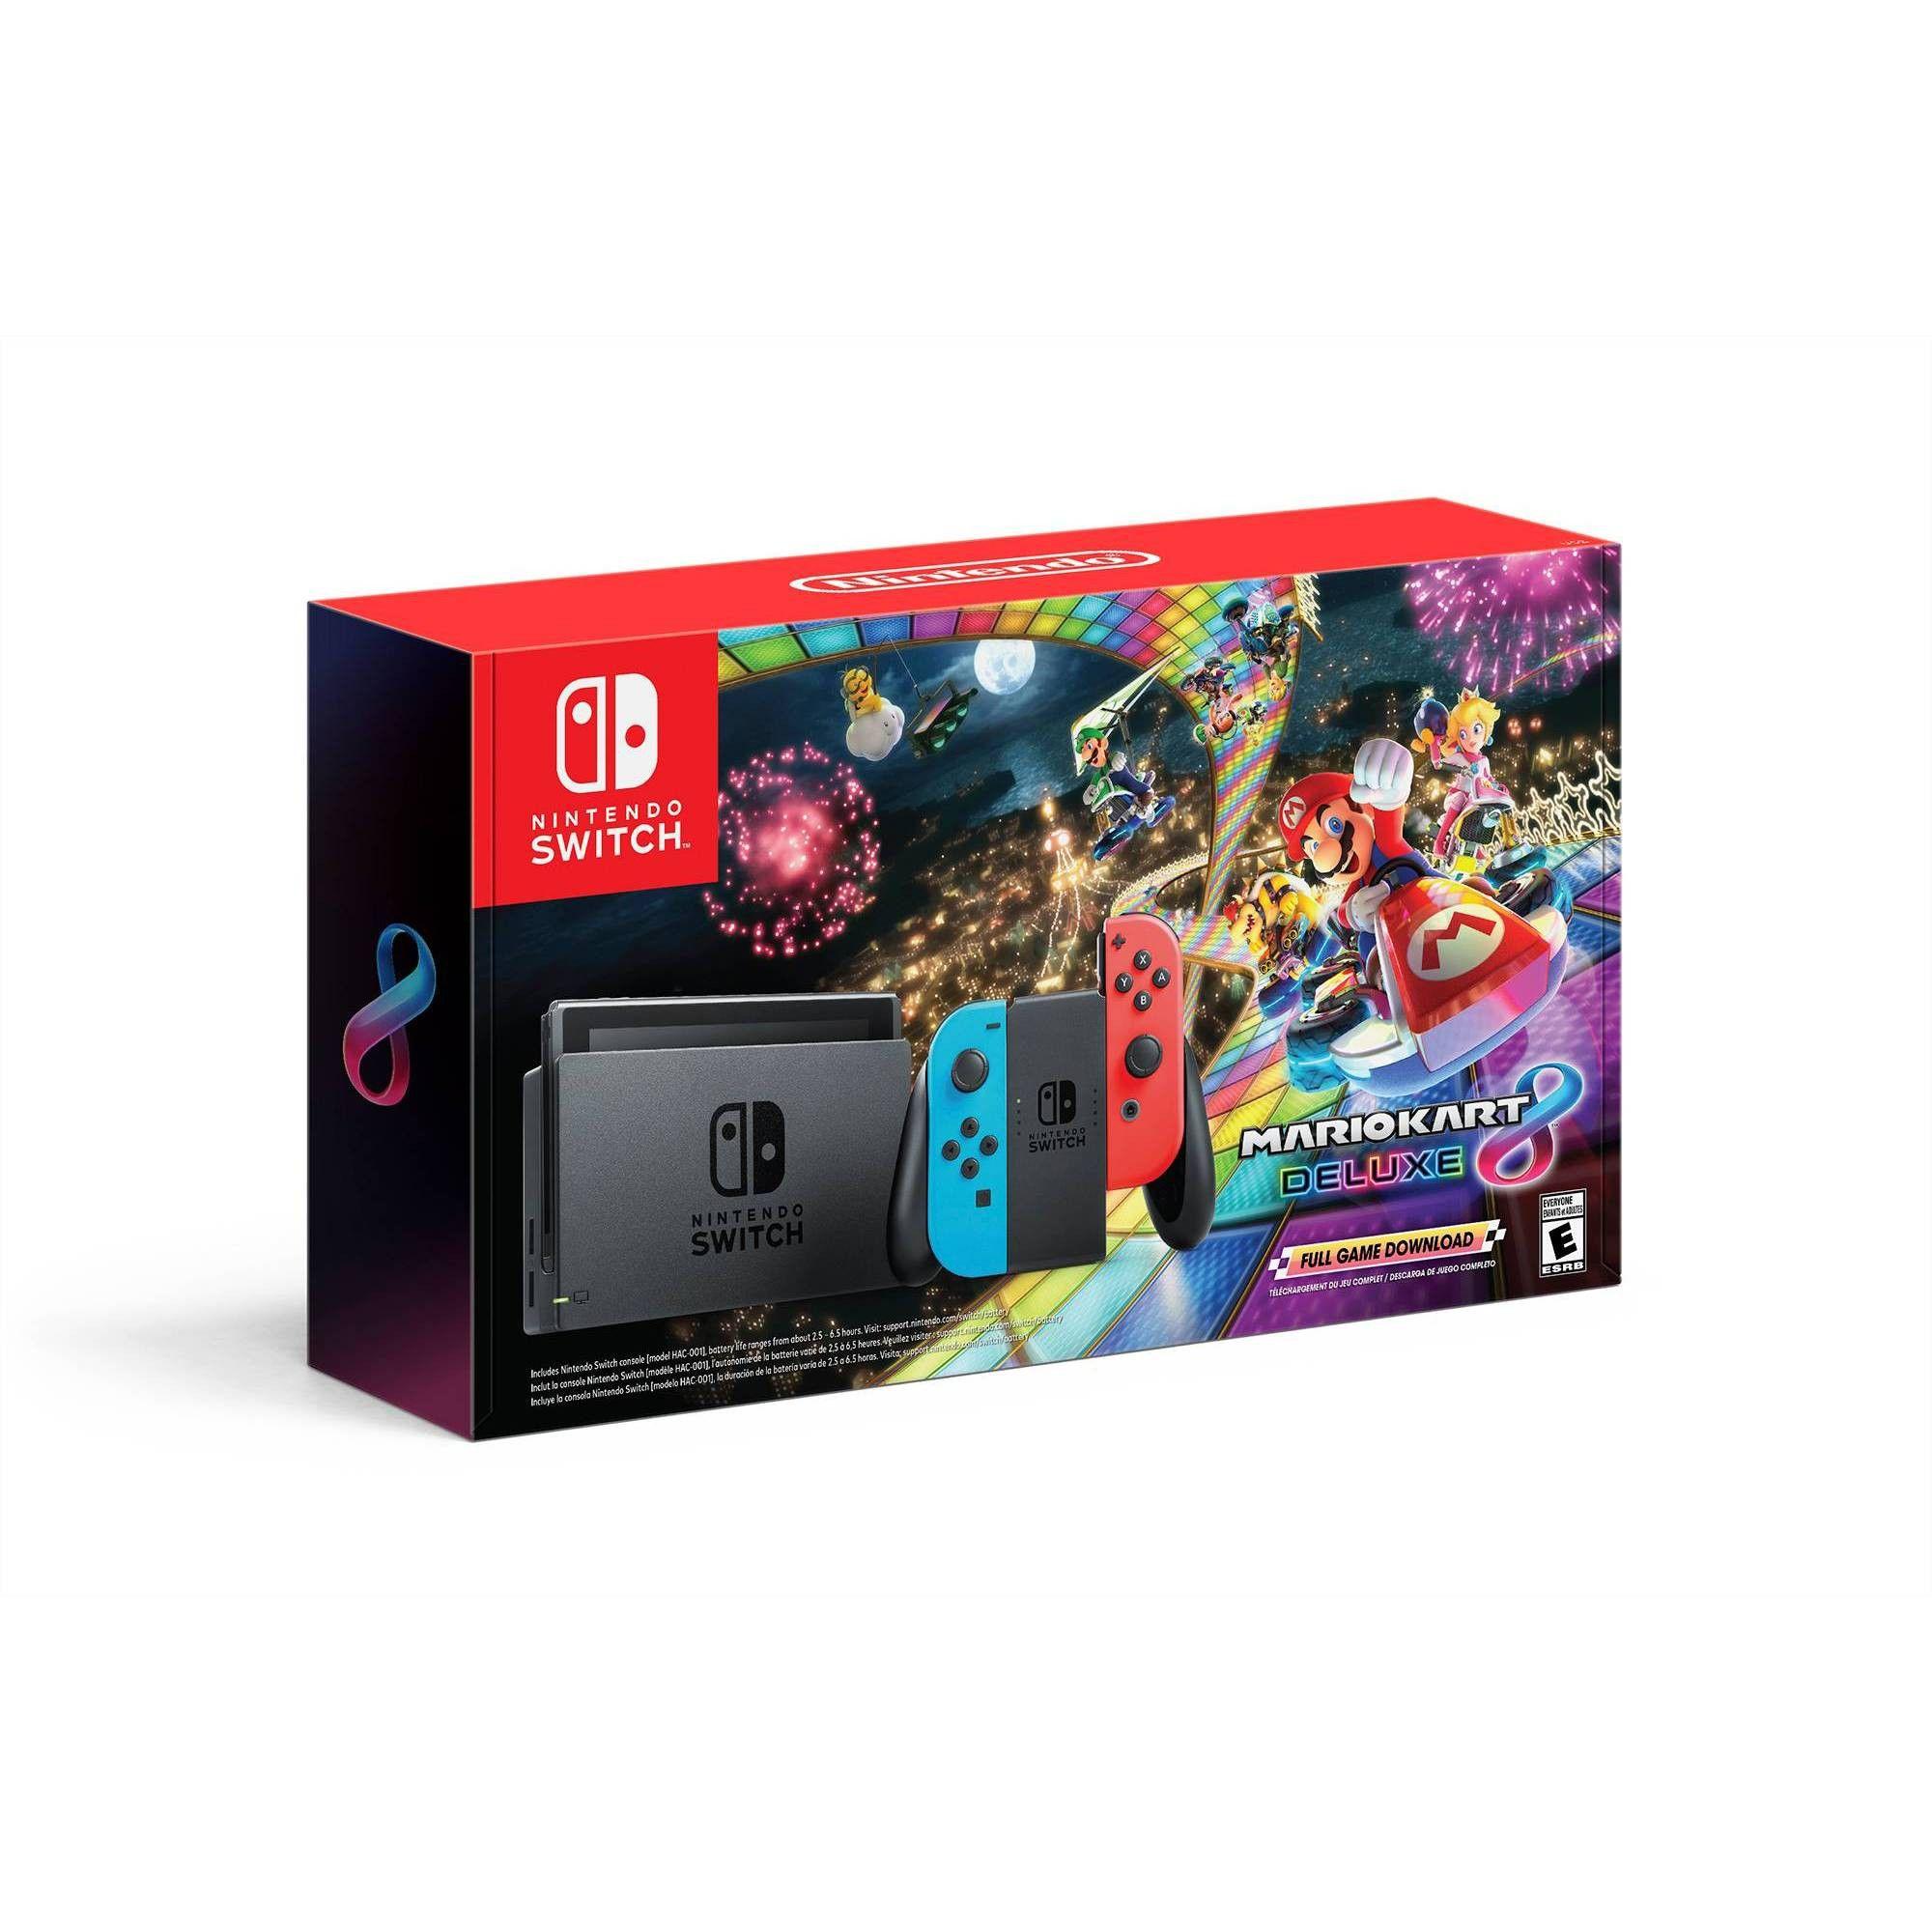 Bundle Mario Kart 8 Deluxe Nintendo Joy Con Collector Nintendo Switch A Switch Nintendo Switch G Nintendo Nintendo Switch Accessories Nintendo Switch Games